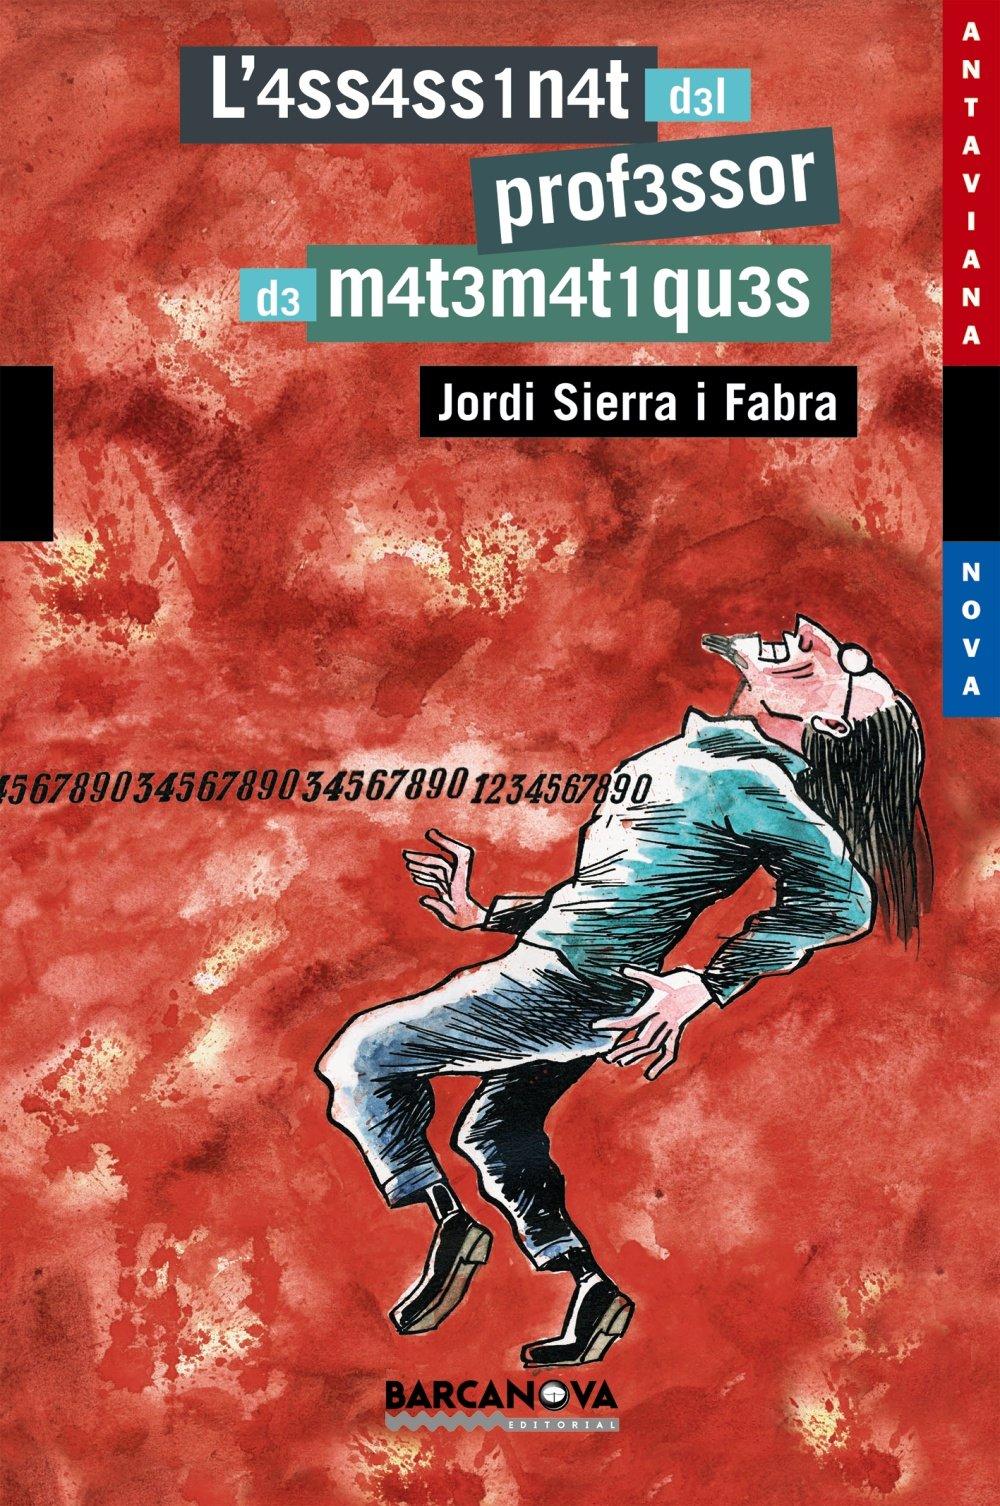 L'4SS4SS1N4T D3L PROF3SSOR D3 M4T3M4T1QU3S (Llibres Infantils I Juvenils - Antaviana - Antaviana Blava) (Catalán) Tapa blanda – 7 jun 2006 Jordi Sierra i Fabra Lluïsot BARCANOVA 8448919424